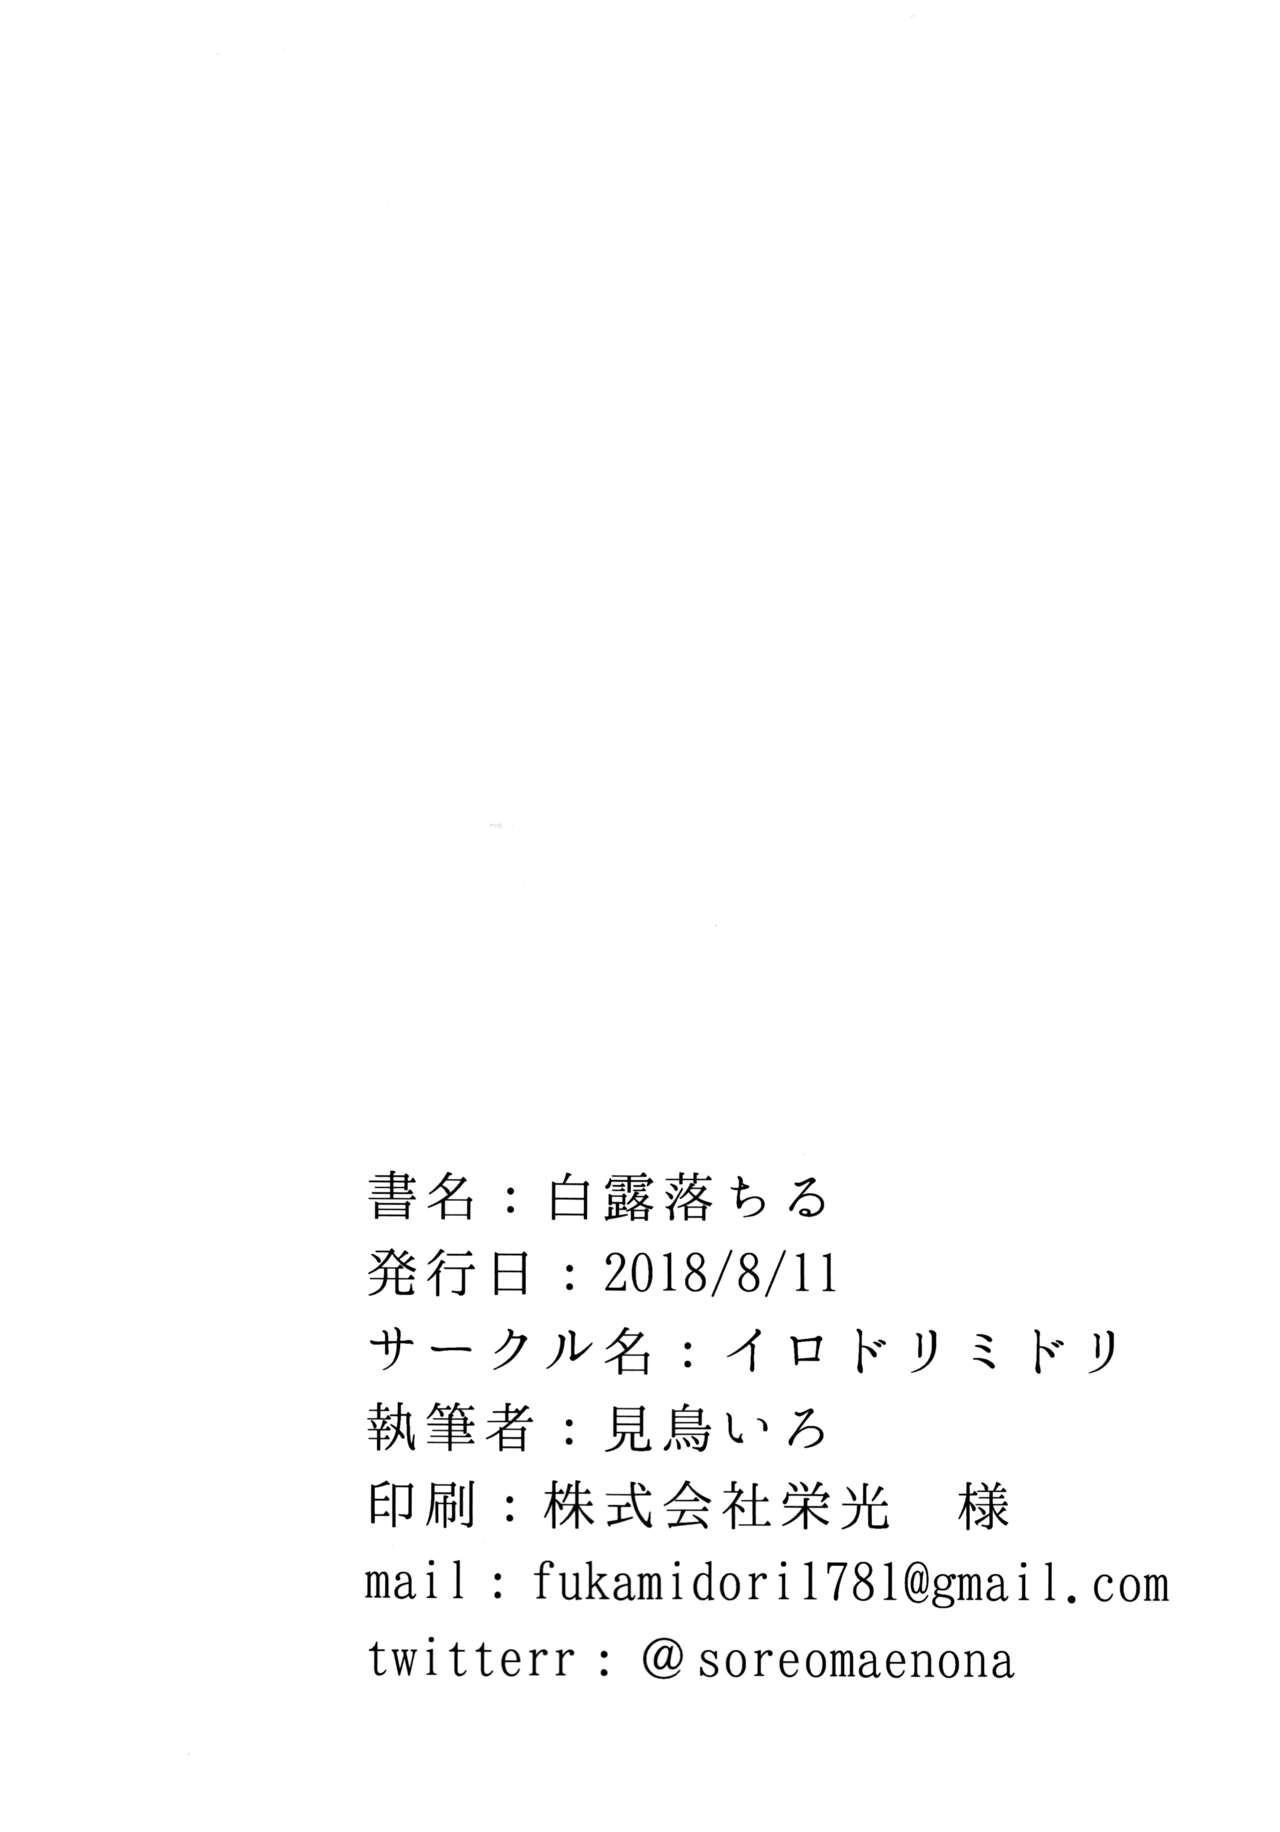 Hakuyona shinkan sanpuru 54